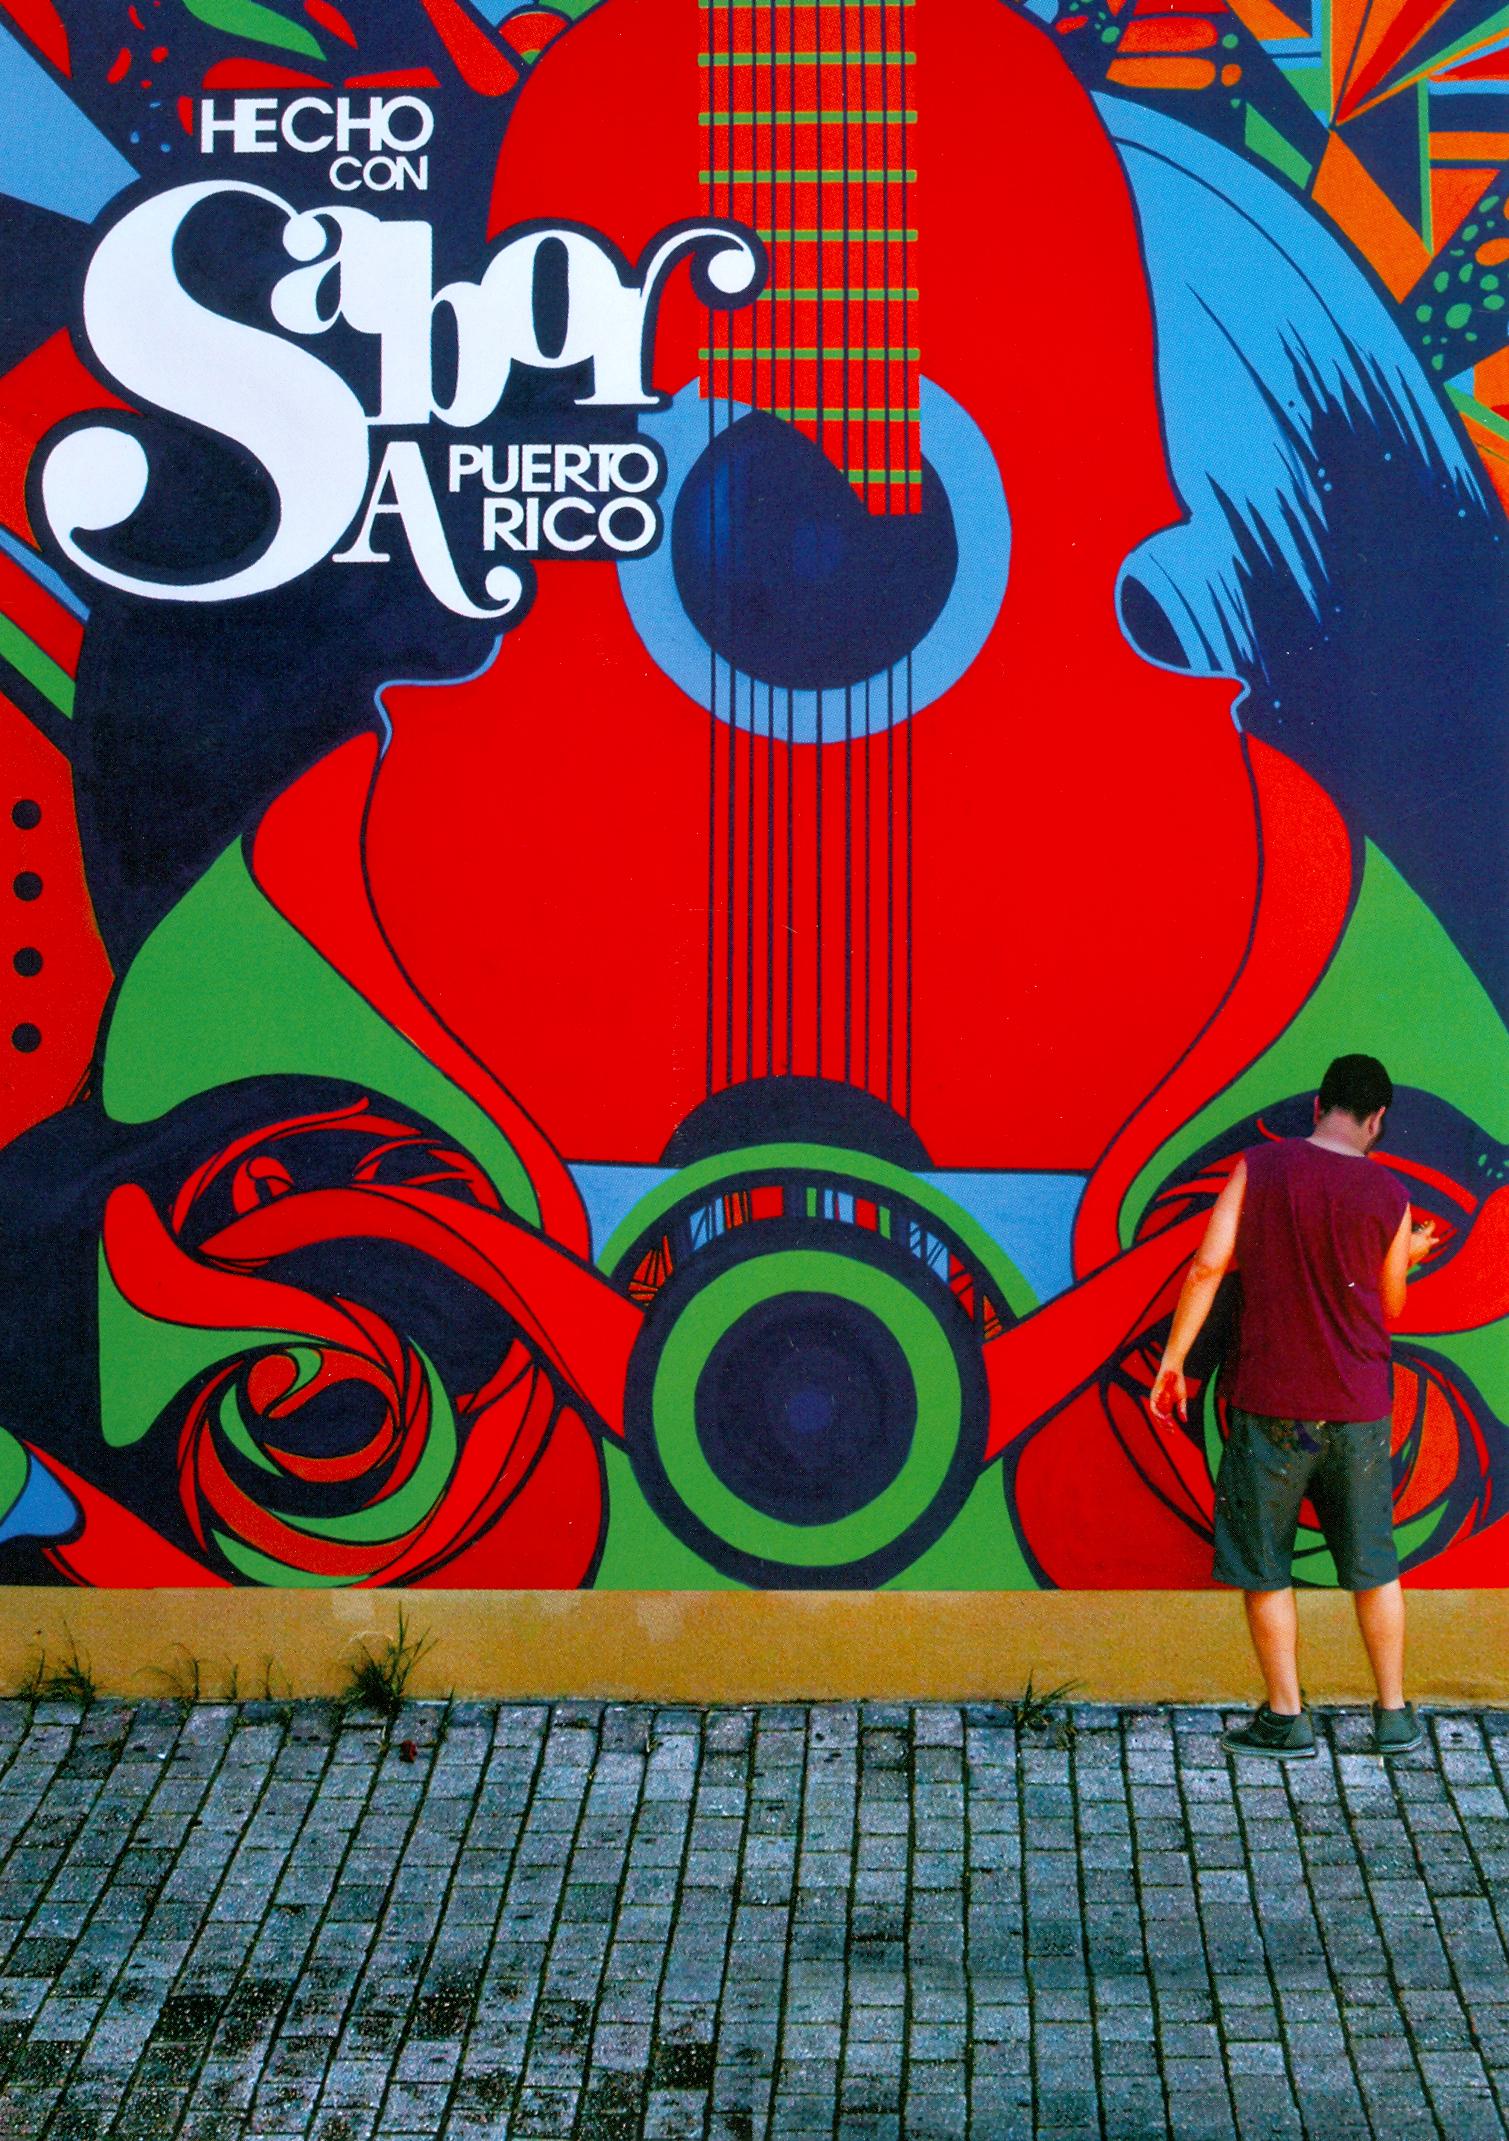 Hecho con Sabor a Puerto Rico